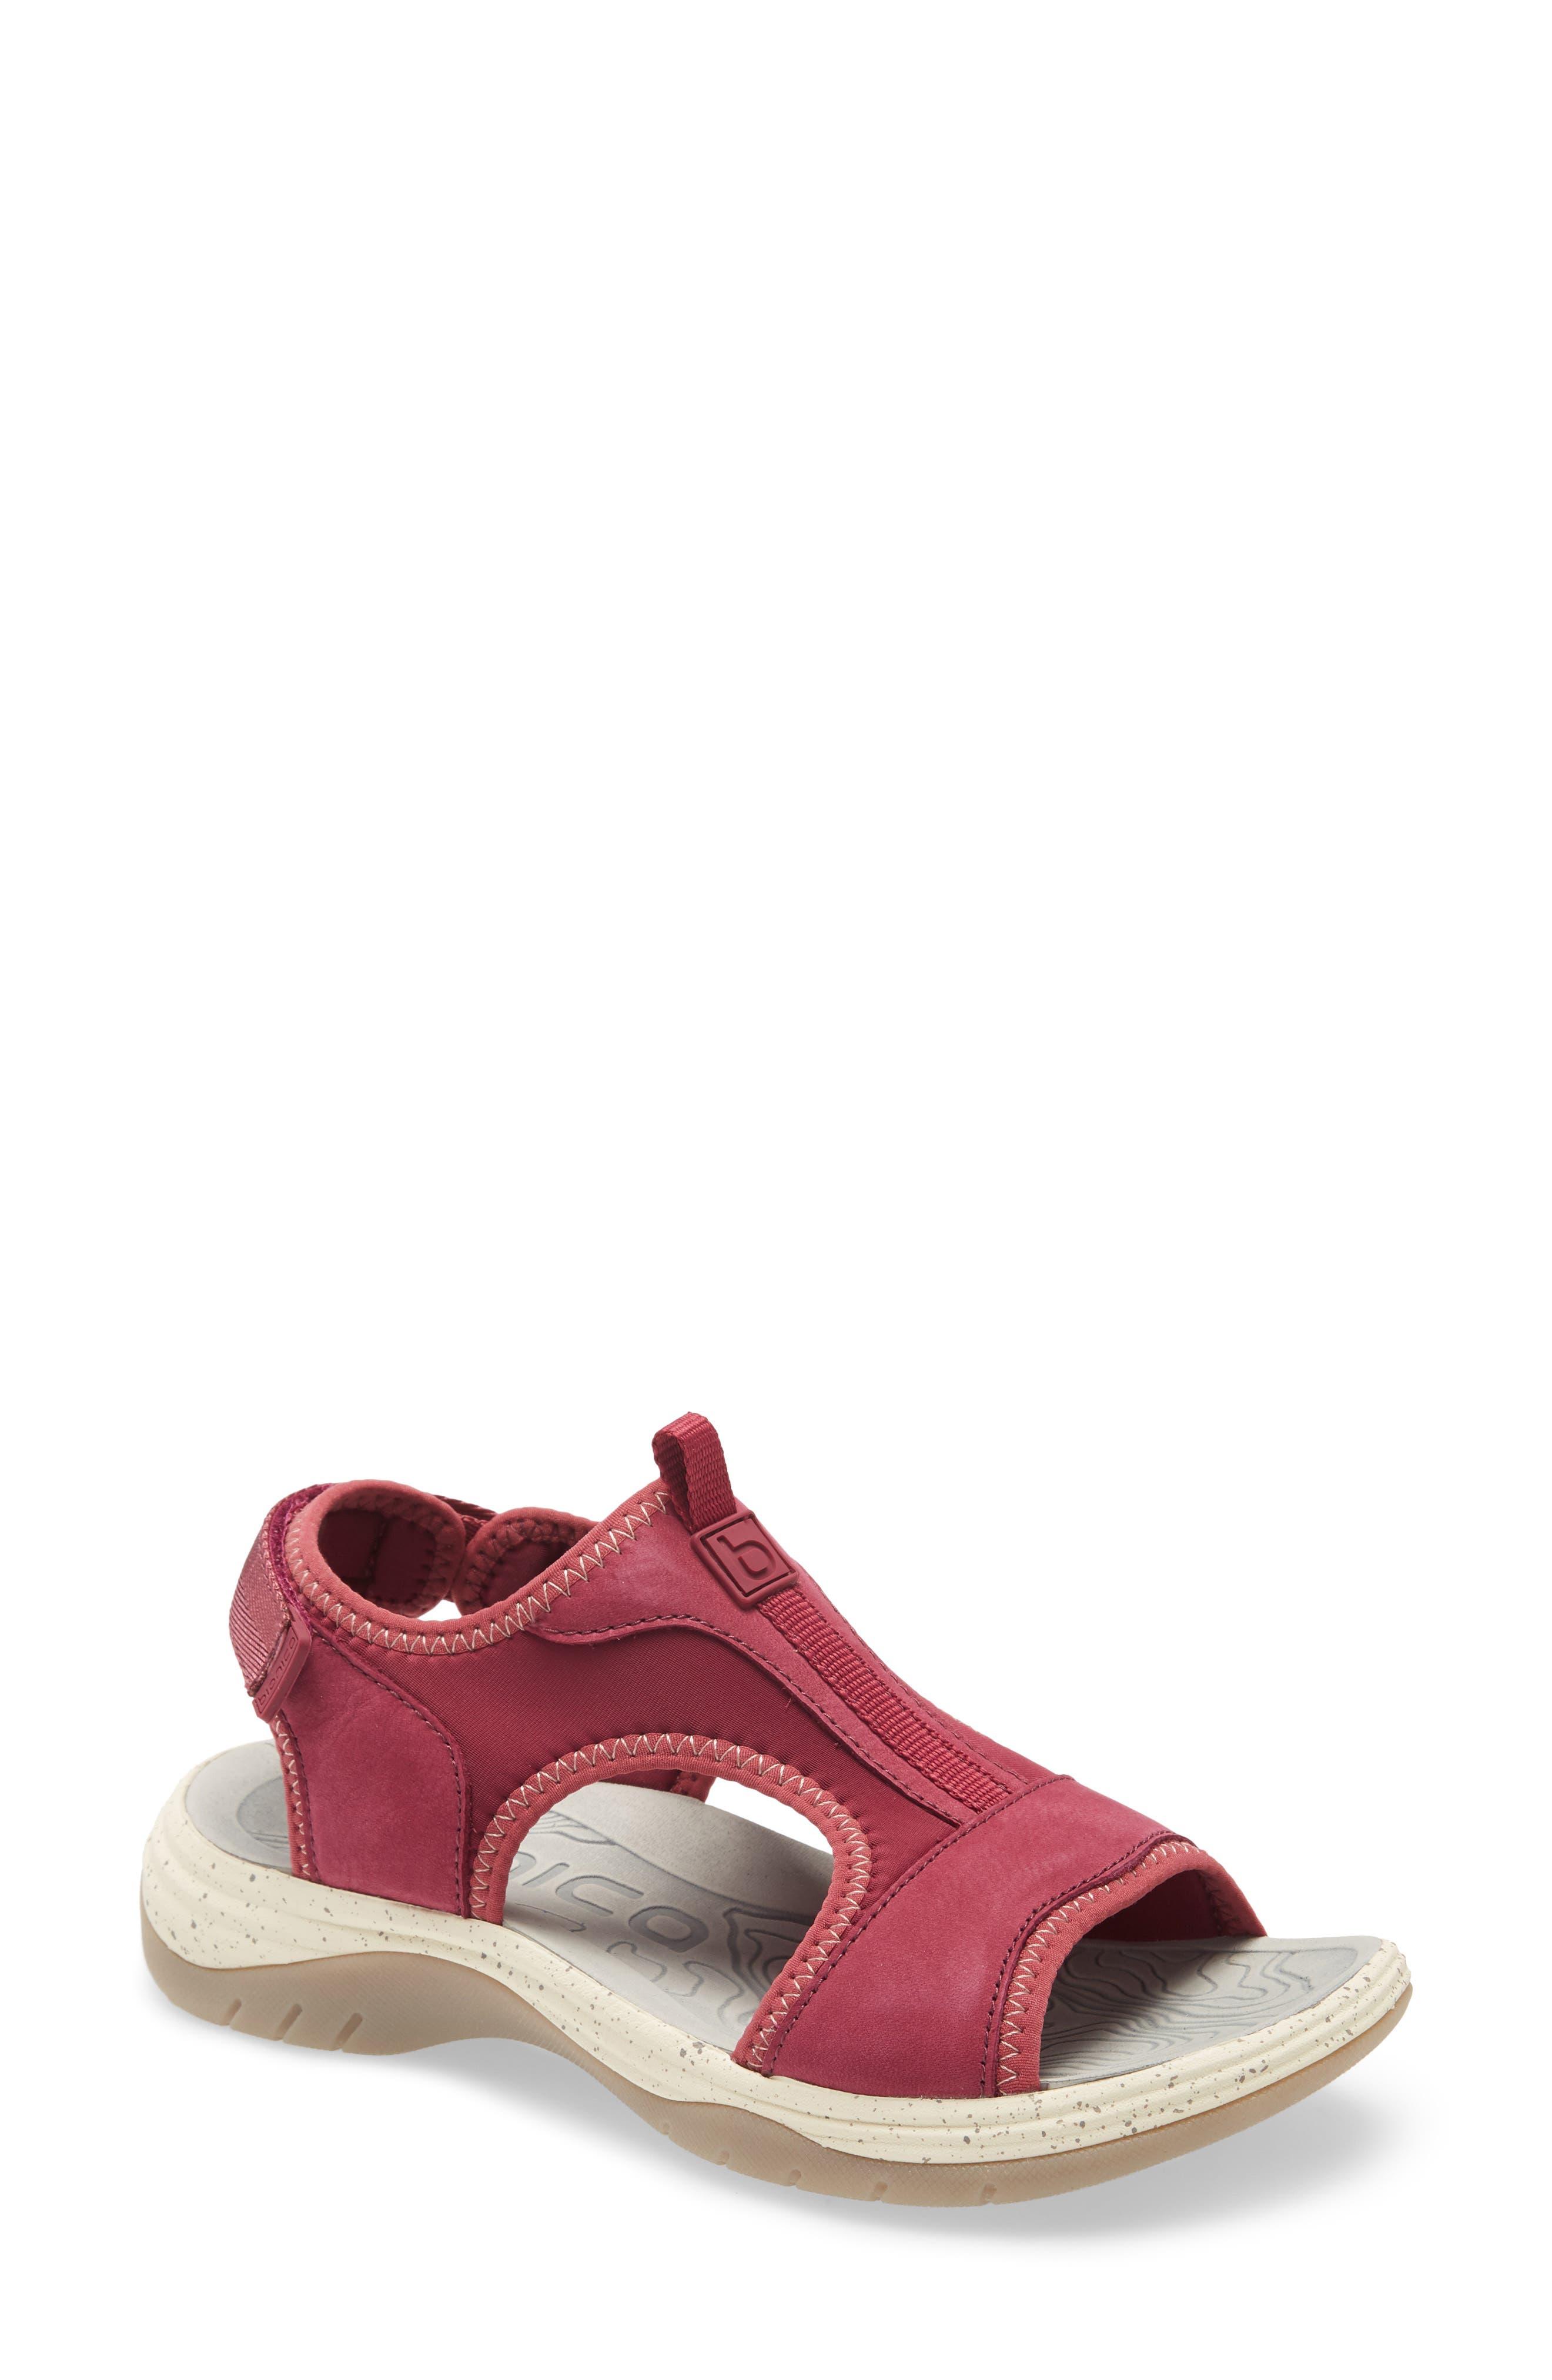 Women's Bionica Niagra Water Friendly Sport Sandal, Size 6.5 M - Pink